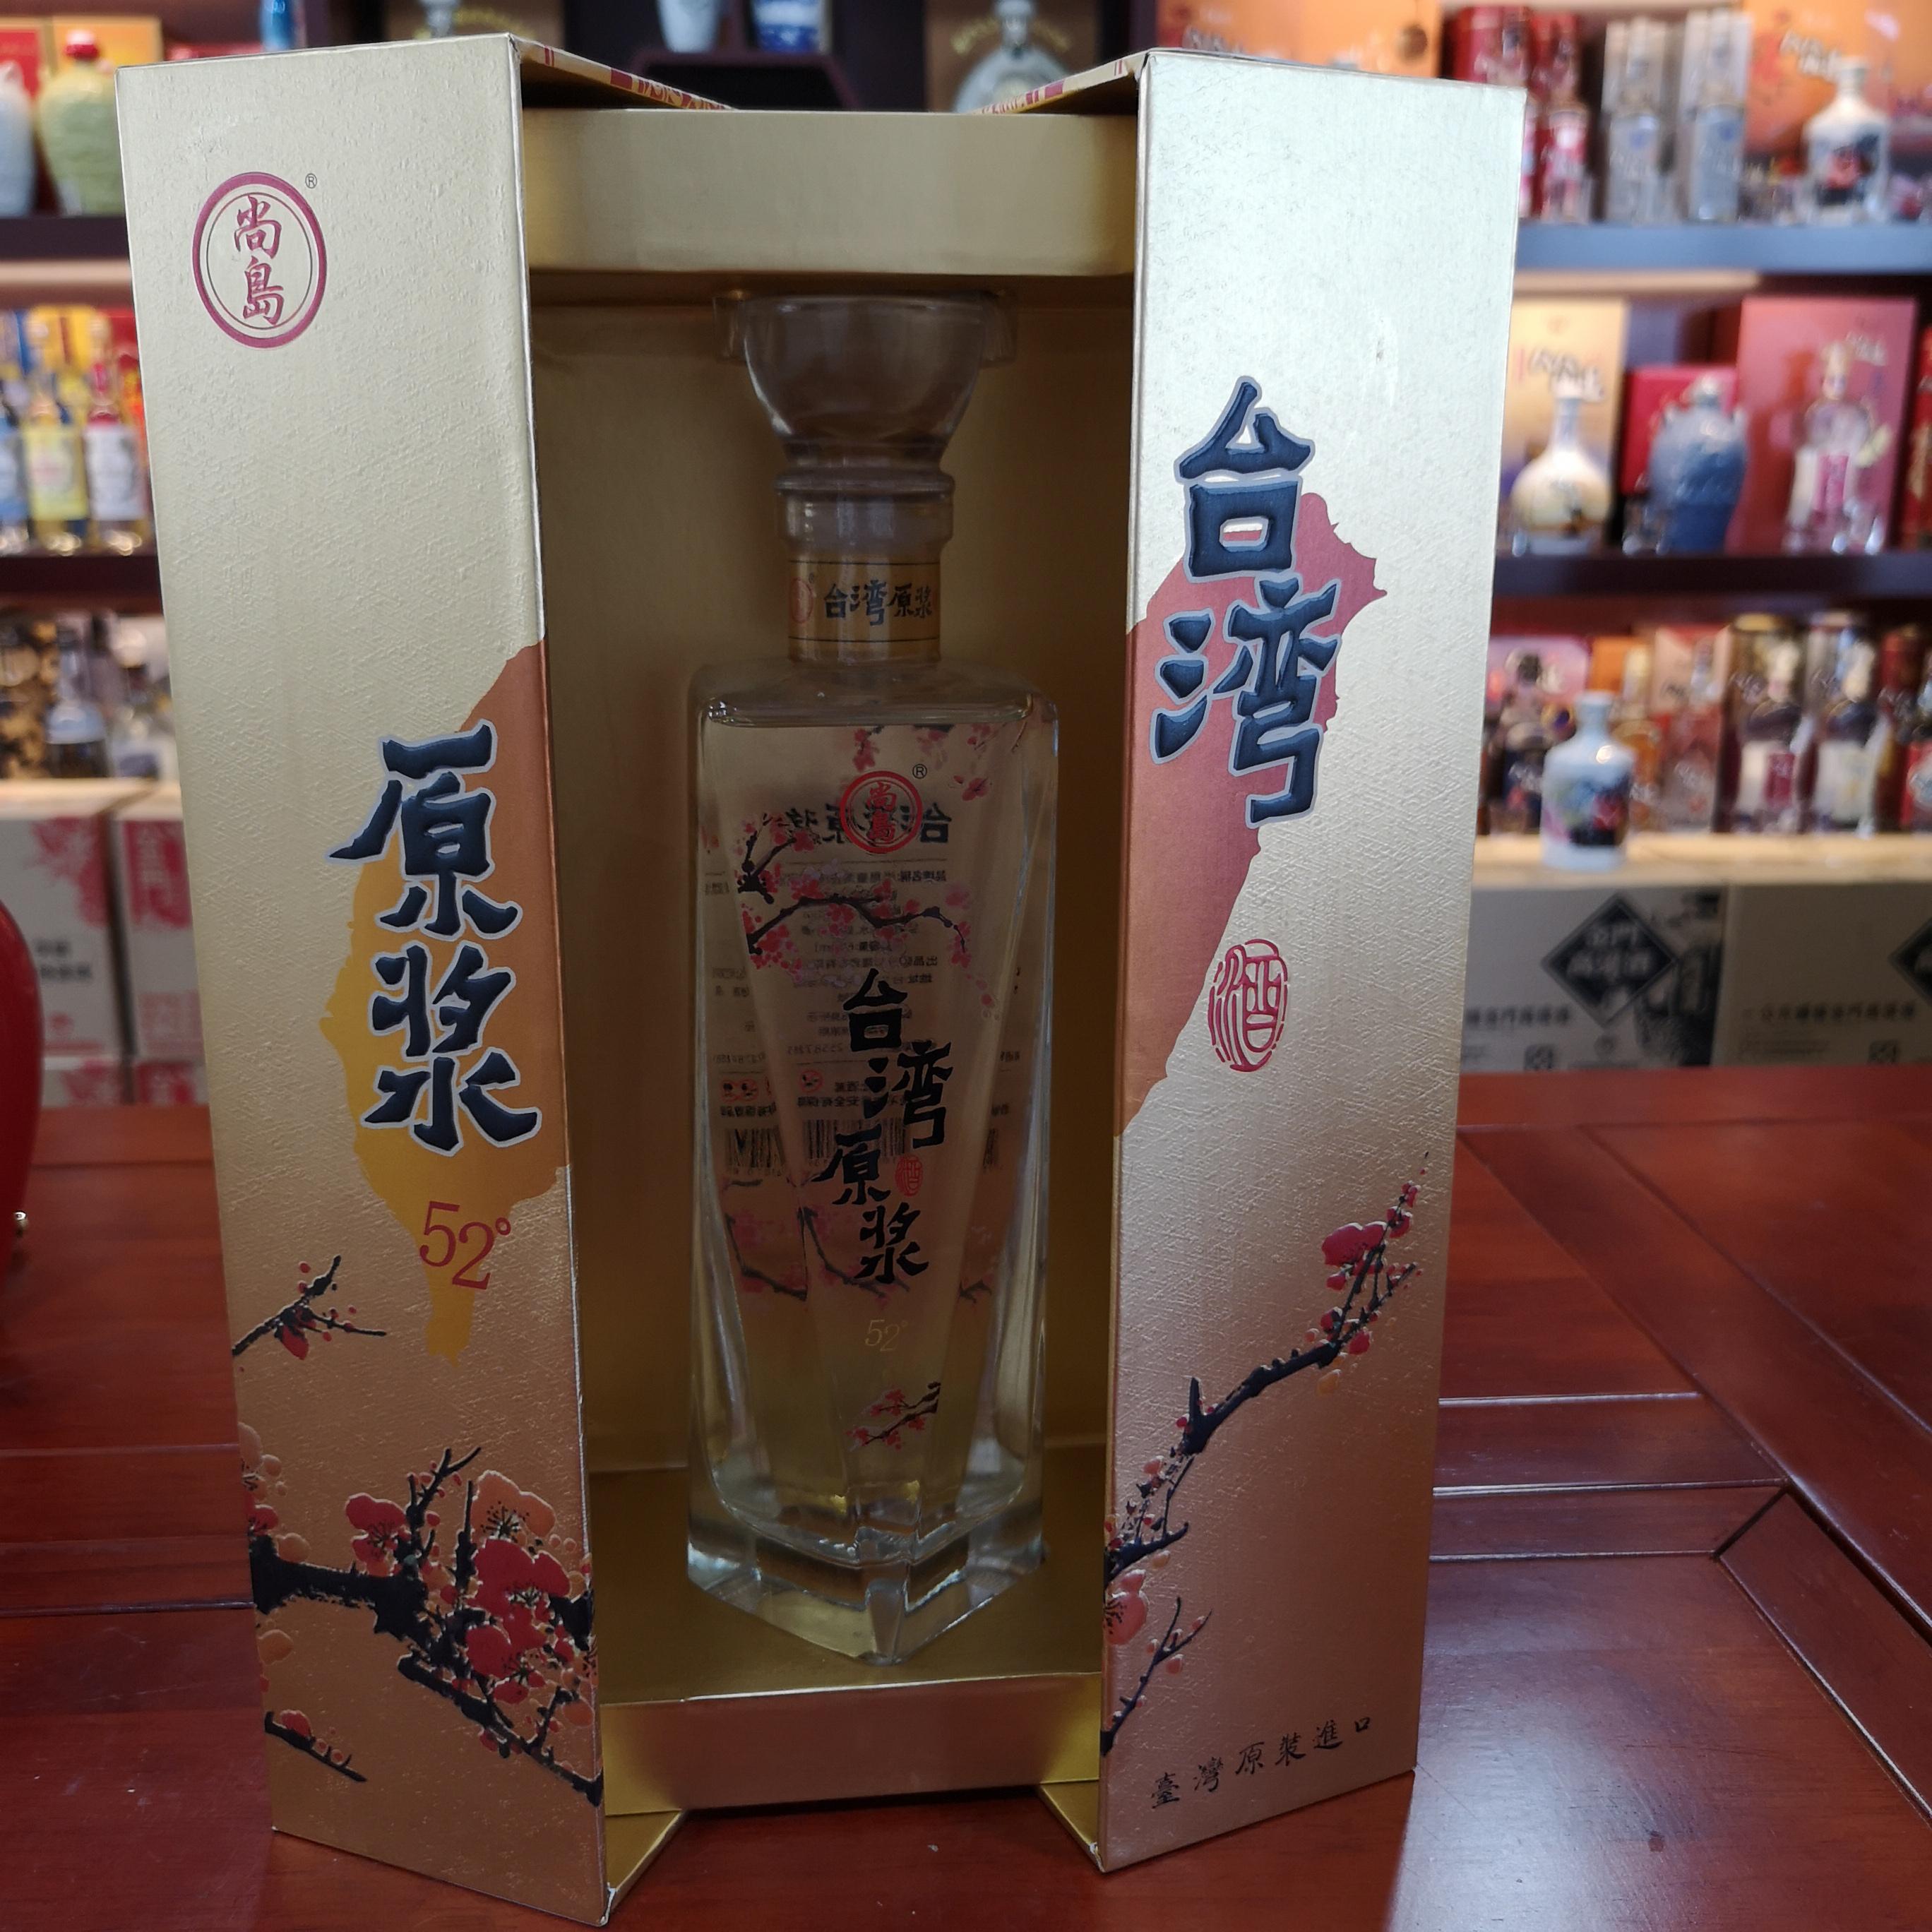 尚島高粱酒 贛州市 千年醇香 美酒